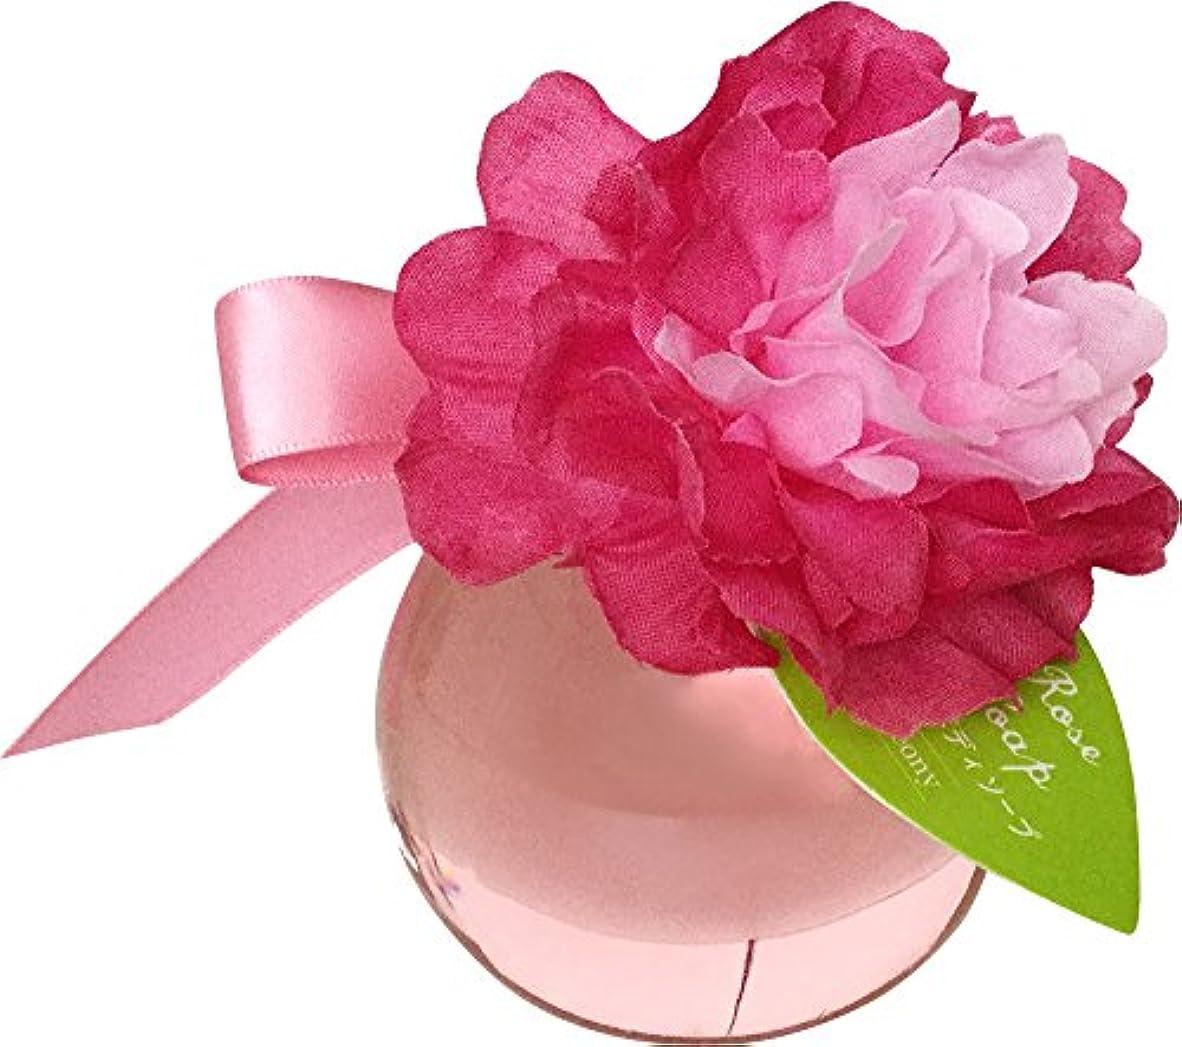 ファーム気を散らす学習チャーリー スイートローズバブルバス 入浴剤 2種 (ピンク(60318))